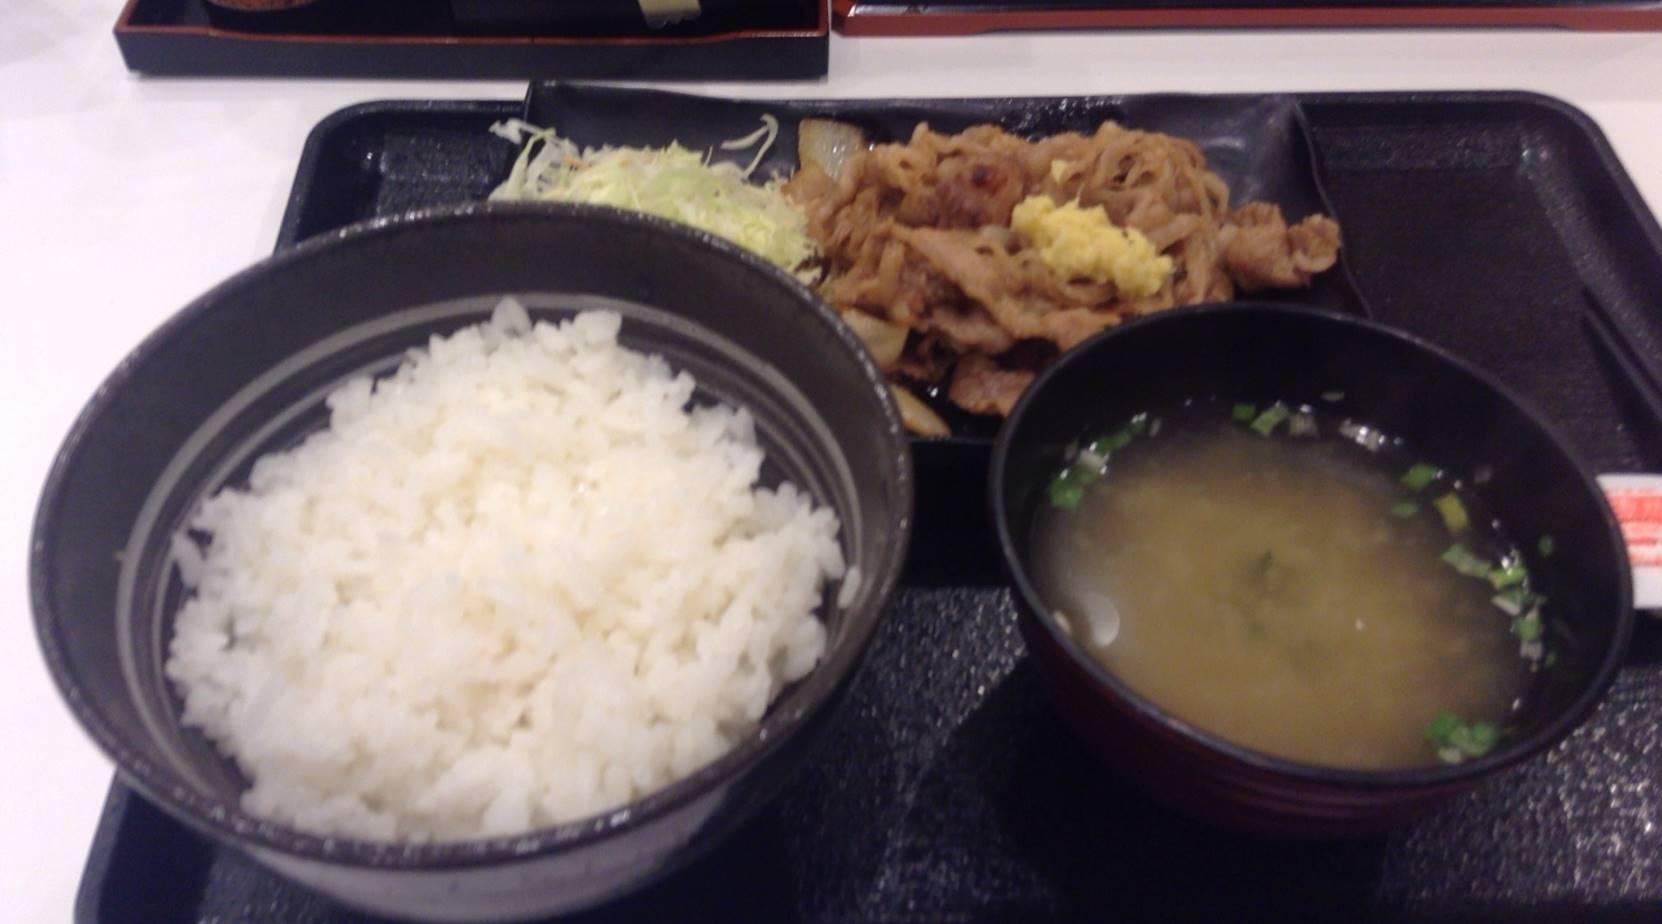 吉野家の牛カルビ生姜焼き定食写真